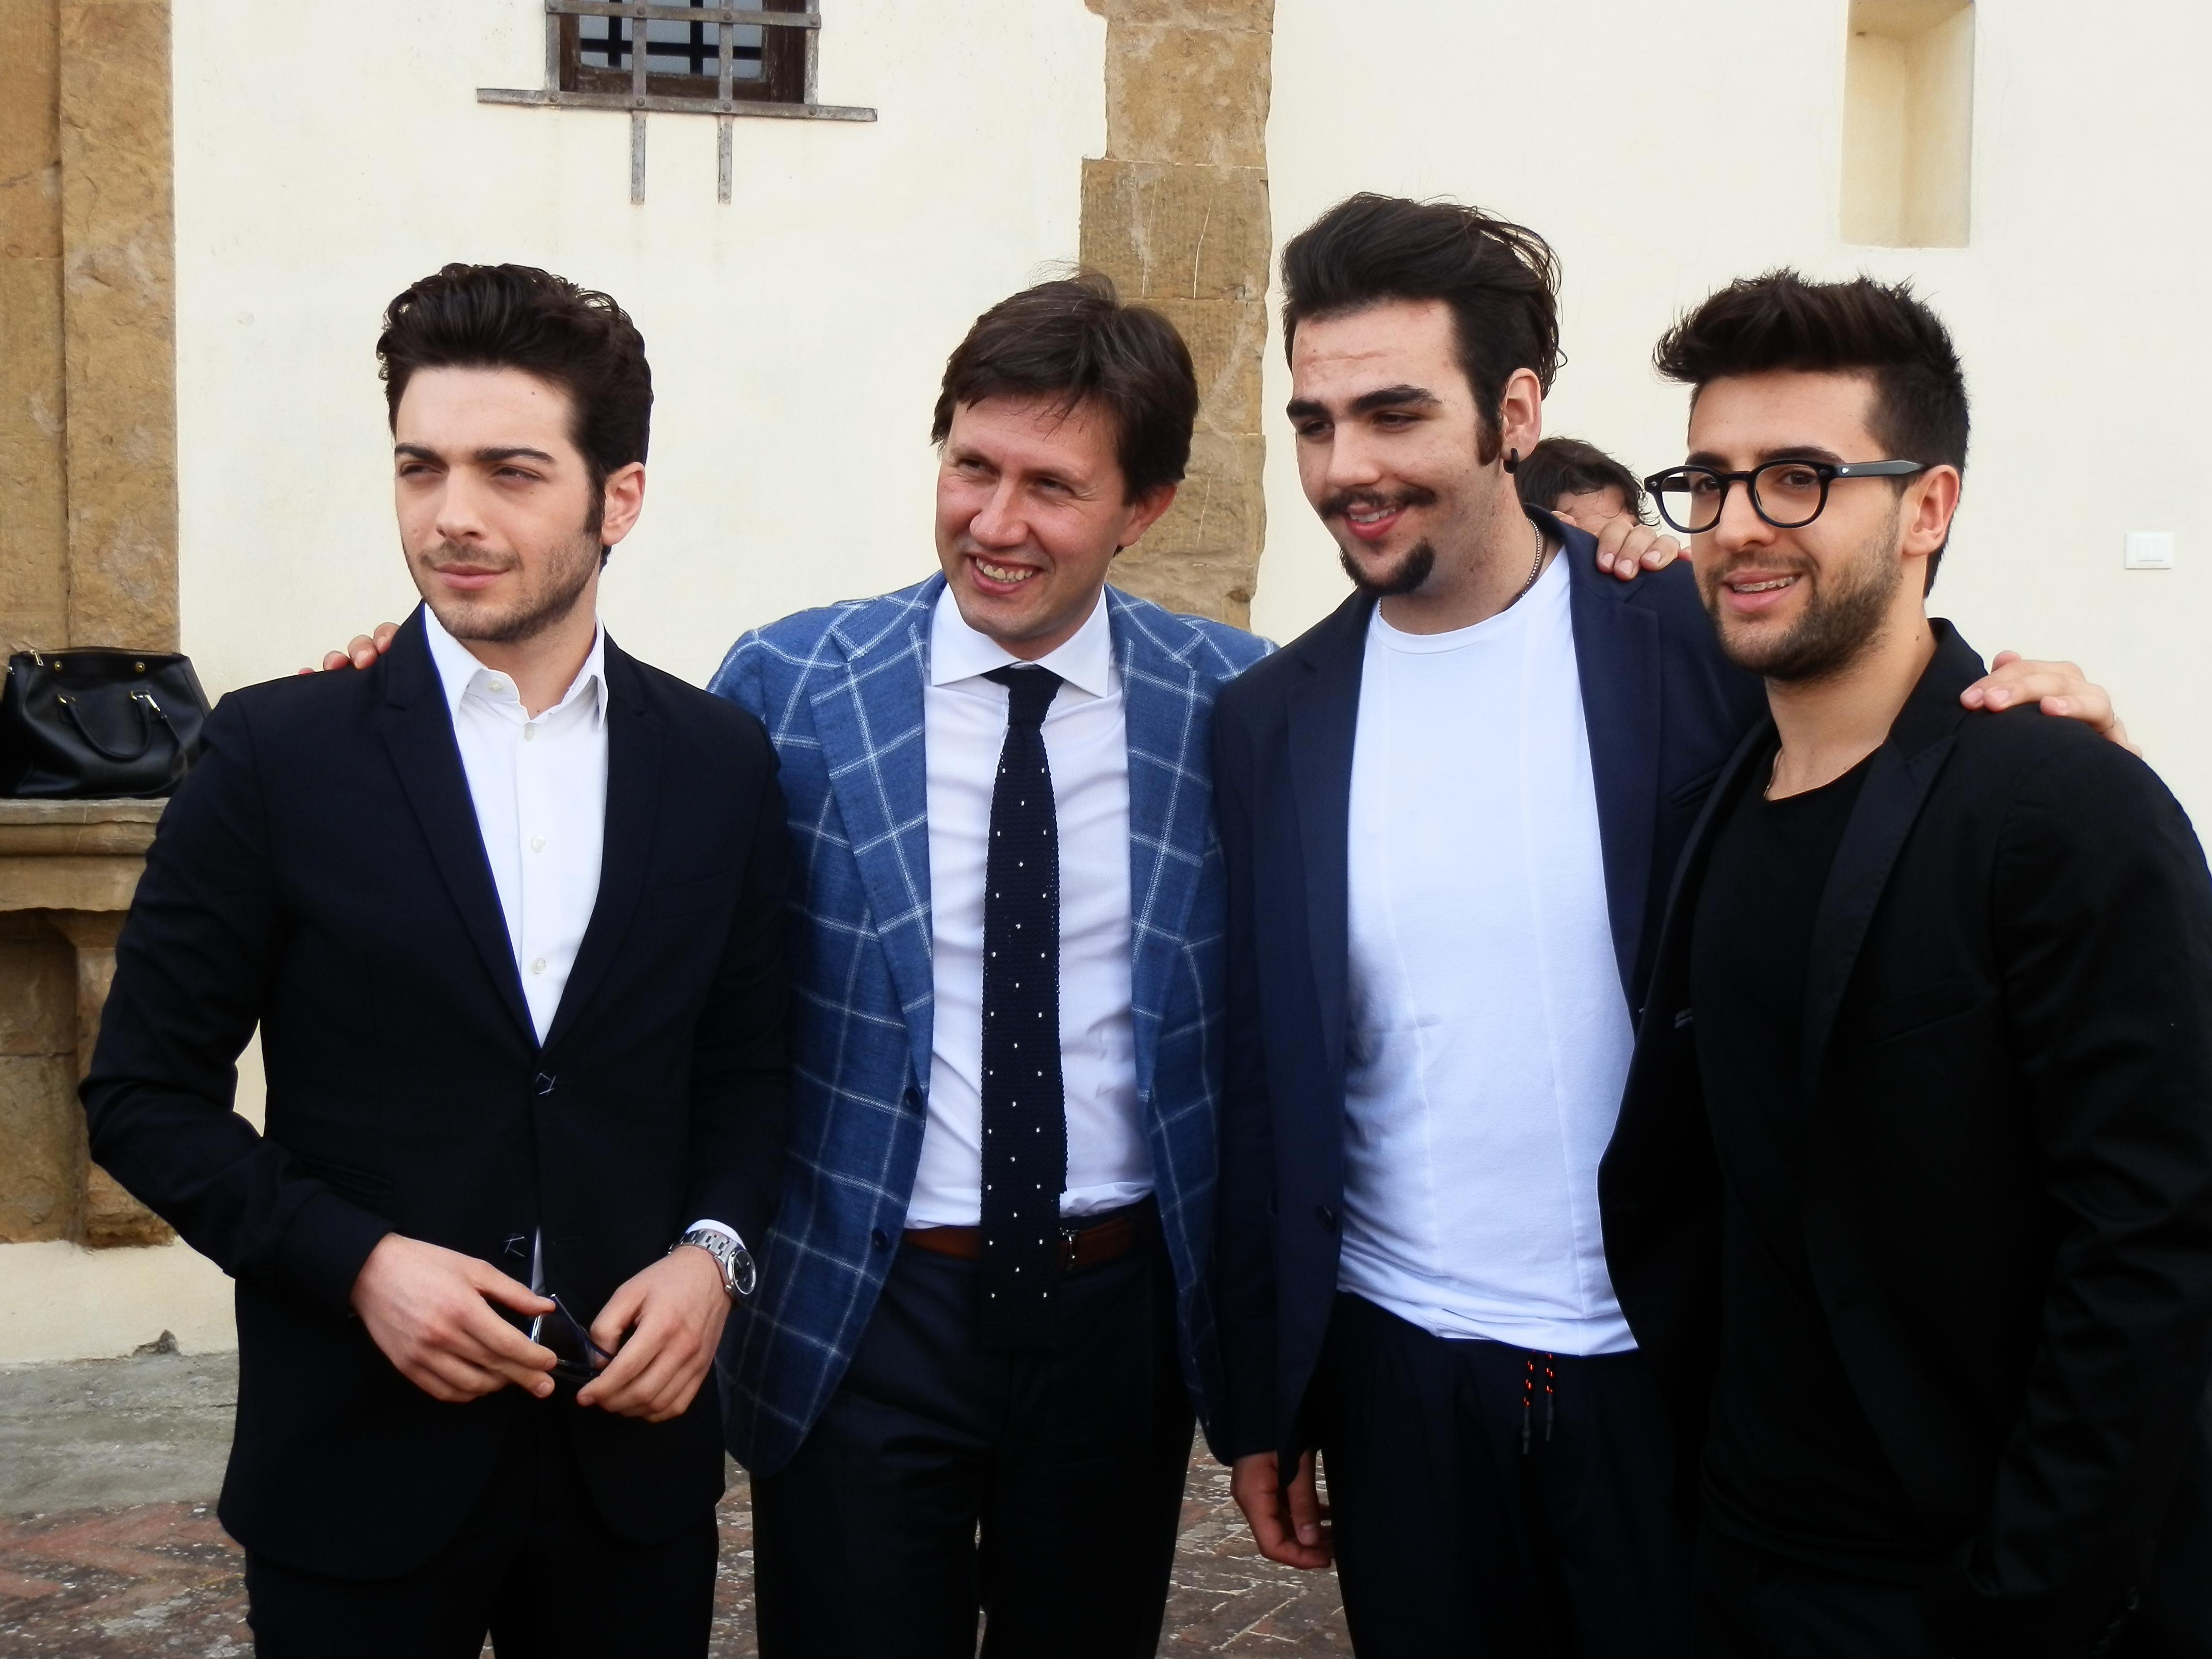 """Si è svolta questa mattina nella suggestiva cornice del Forte Belvedere a Firenze la conferenza stampa dell'evento """"Una notte magica – Tributo ai tre tenori"""" che avrà luogo venerdì 1° […]"""